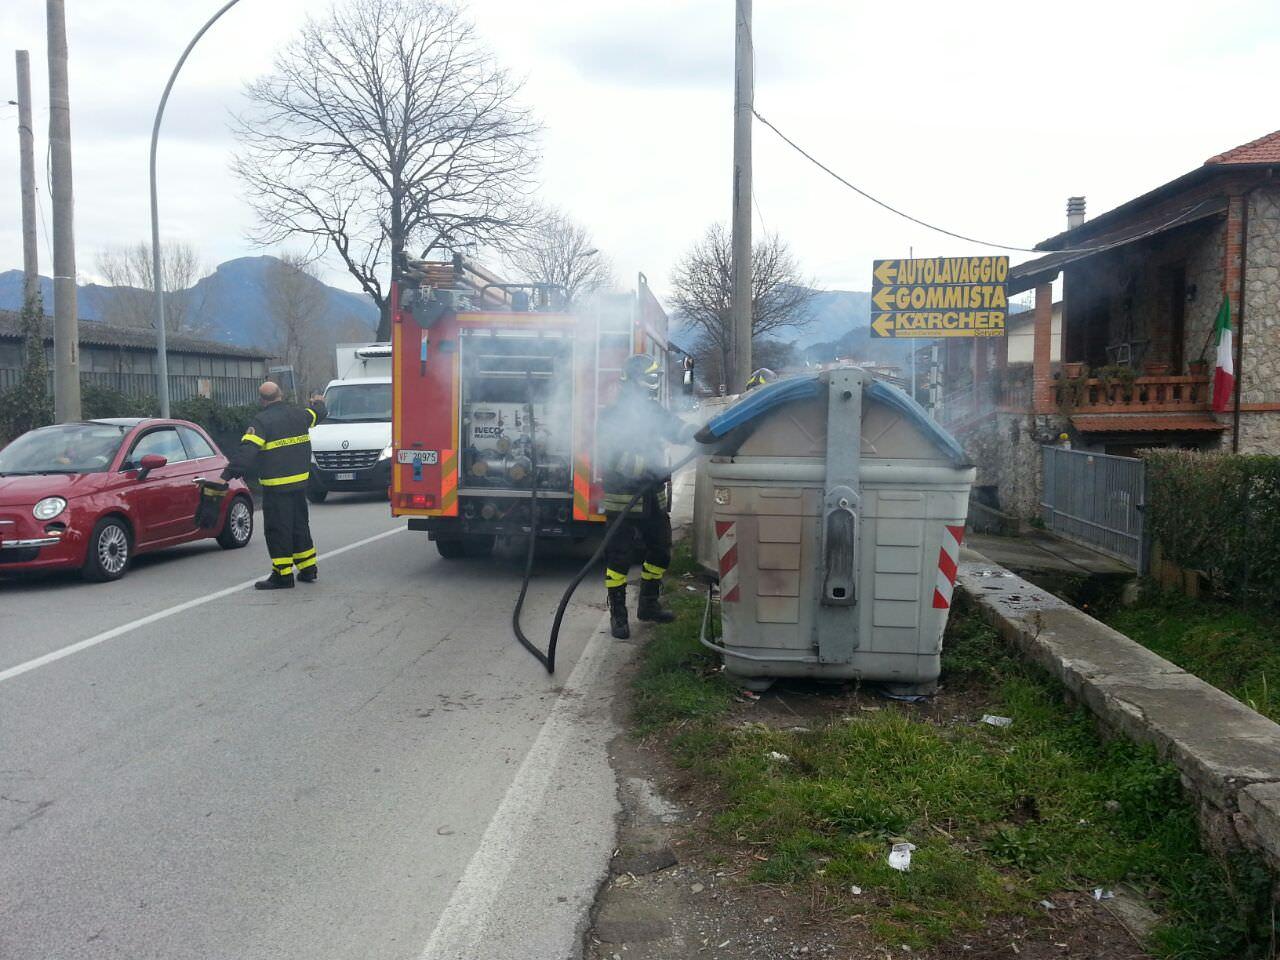 In fiamme un cassonetto, intervengono i pompieri (foto)